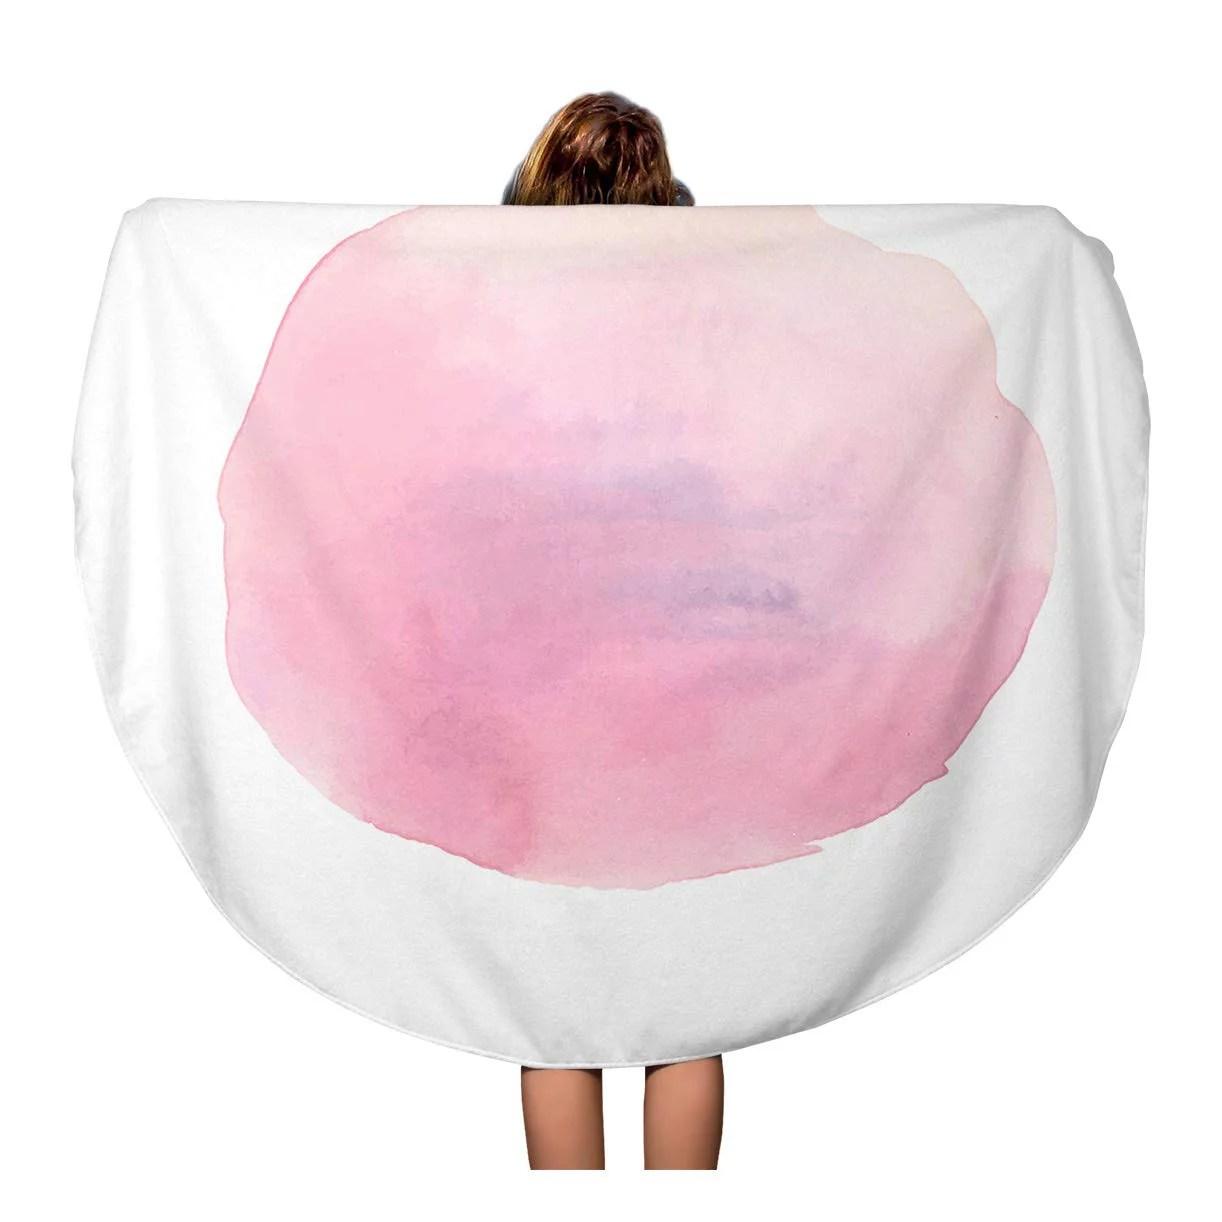 Kdagr 60 Inch Round Beach Towel Blanket Pink Touch Brush